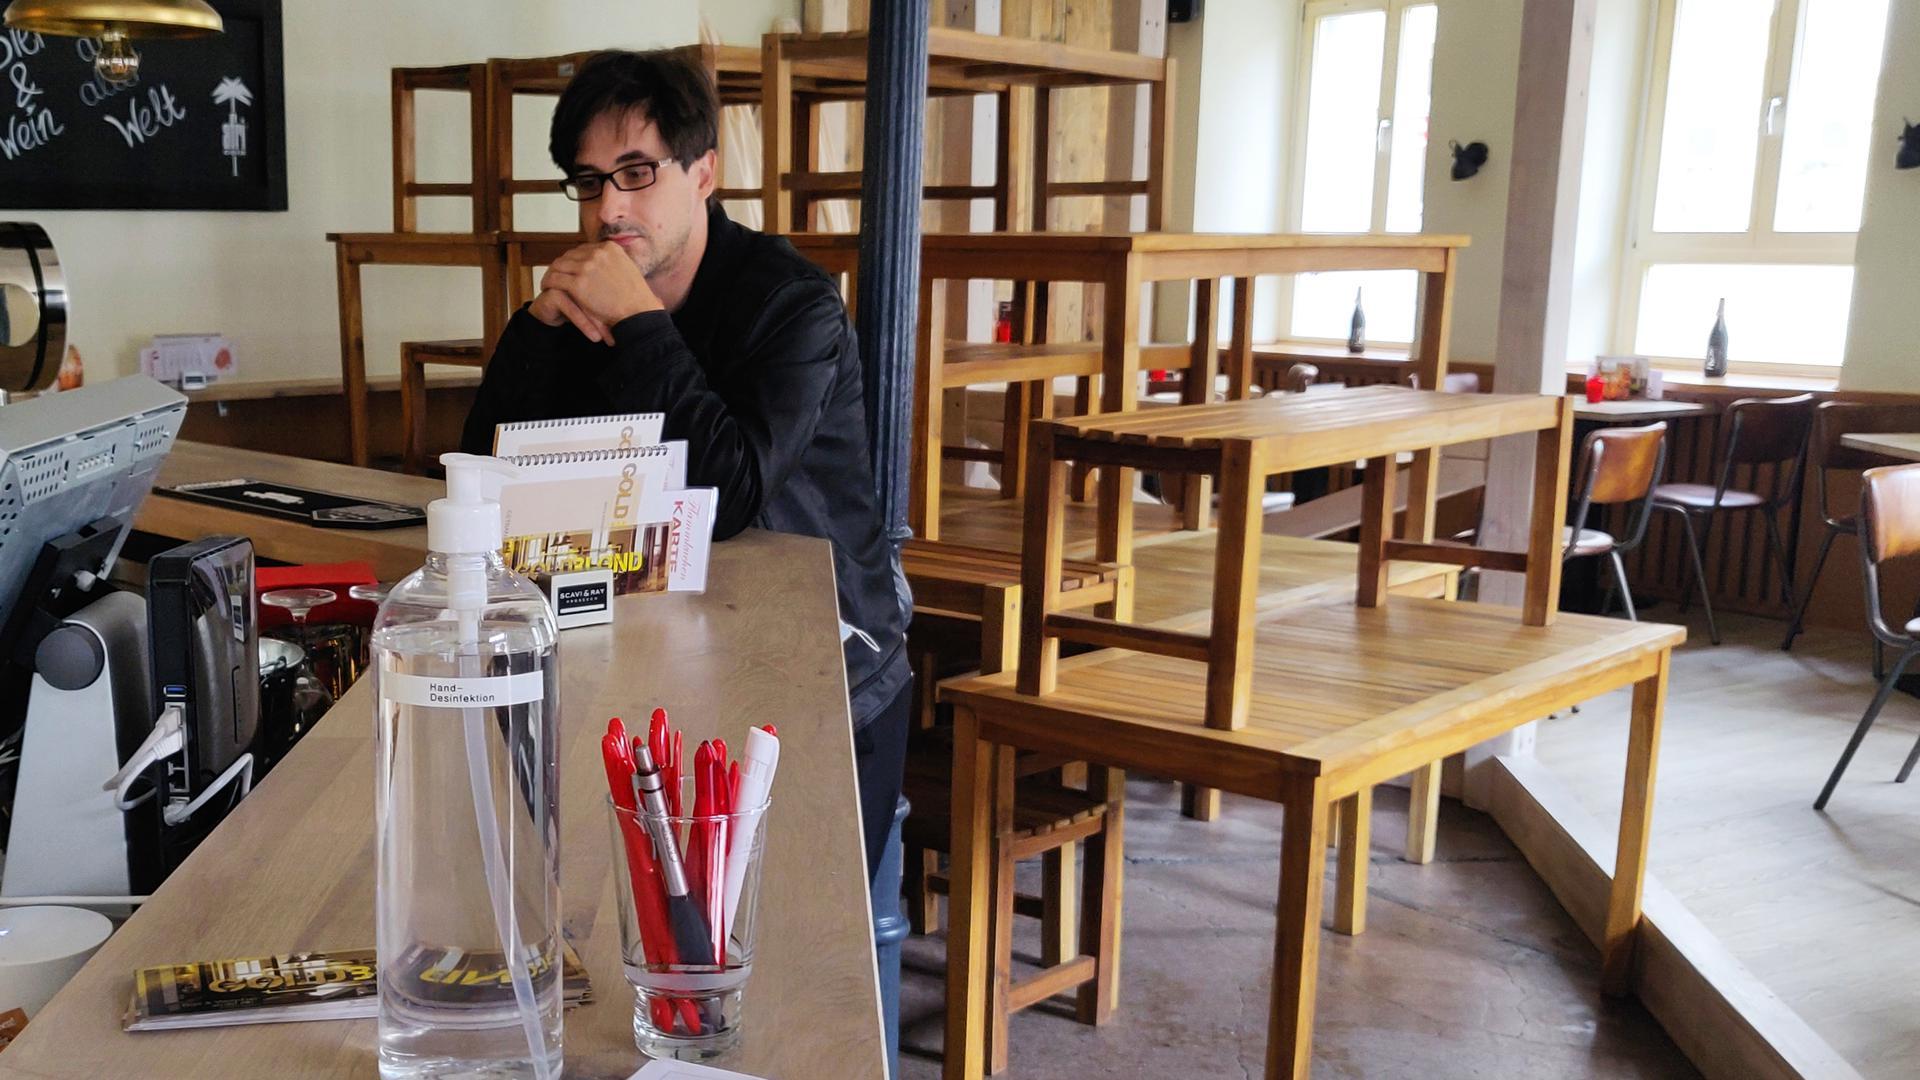 """Trotz Desinfektionsmittel und Besucherlisten: Gastronomische Betriebe wie die Ettlinger Weinbar """"Goldblond"""" mussten im November ihre Pforten schließen. Geschäftsführer Florian Amann rechnet nicht damit, dass sich das bald ändert."""